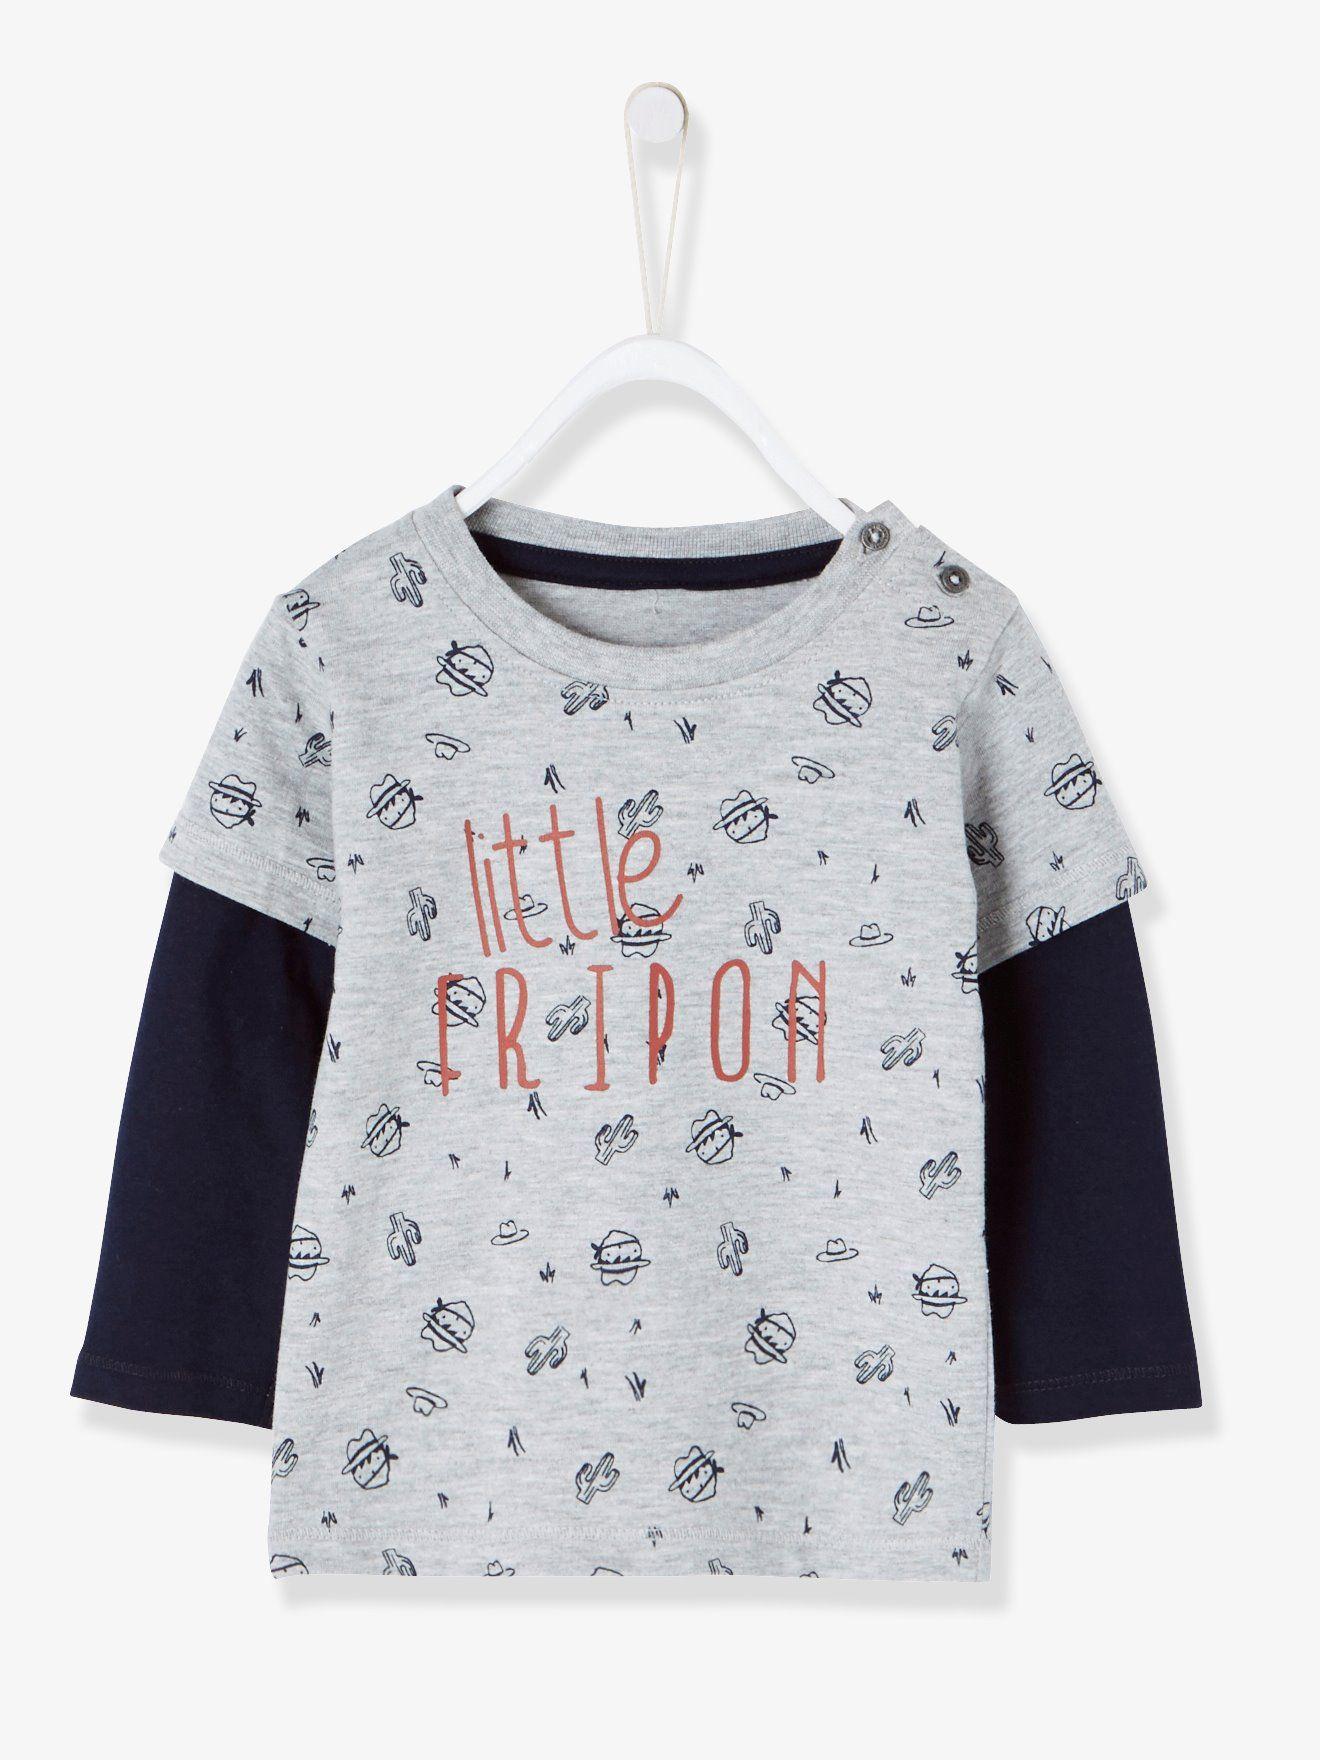 T-shirt bébé garçon effet superposition gris chiné - Ah le petit fripon ! Le 5b5c14db616